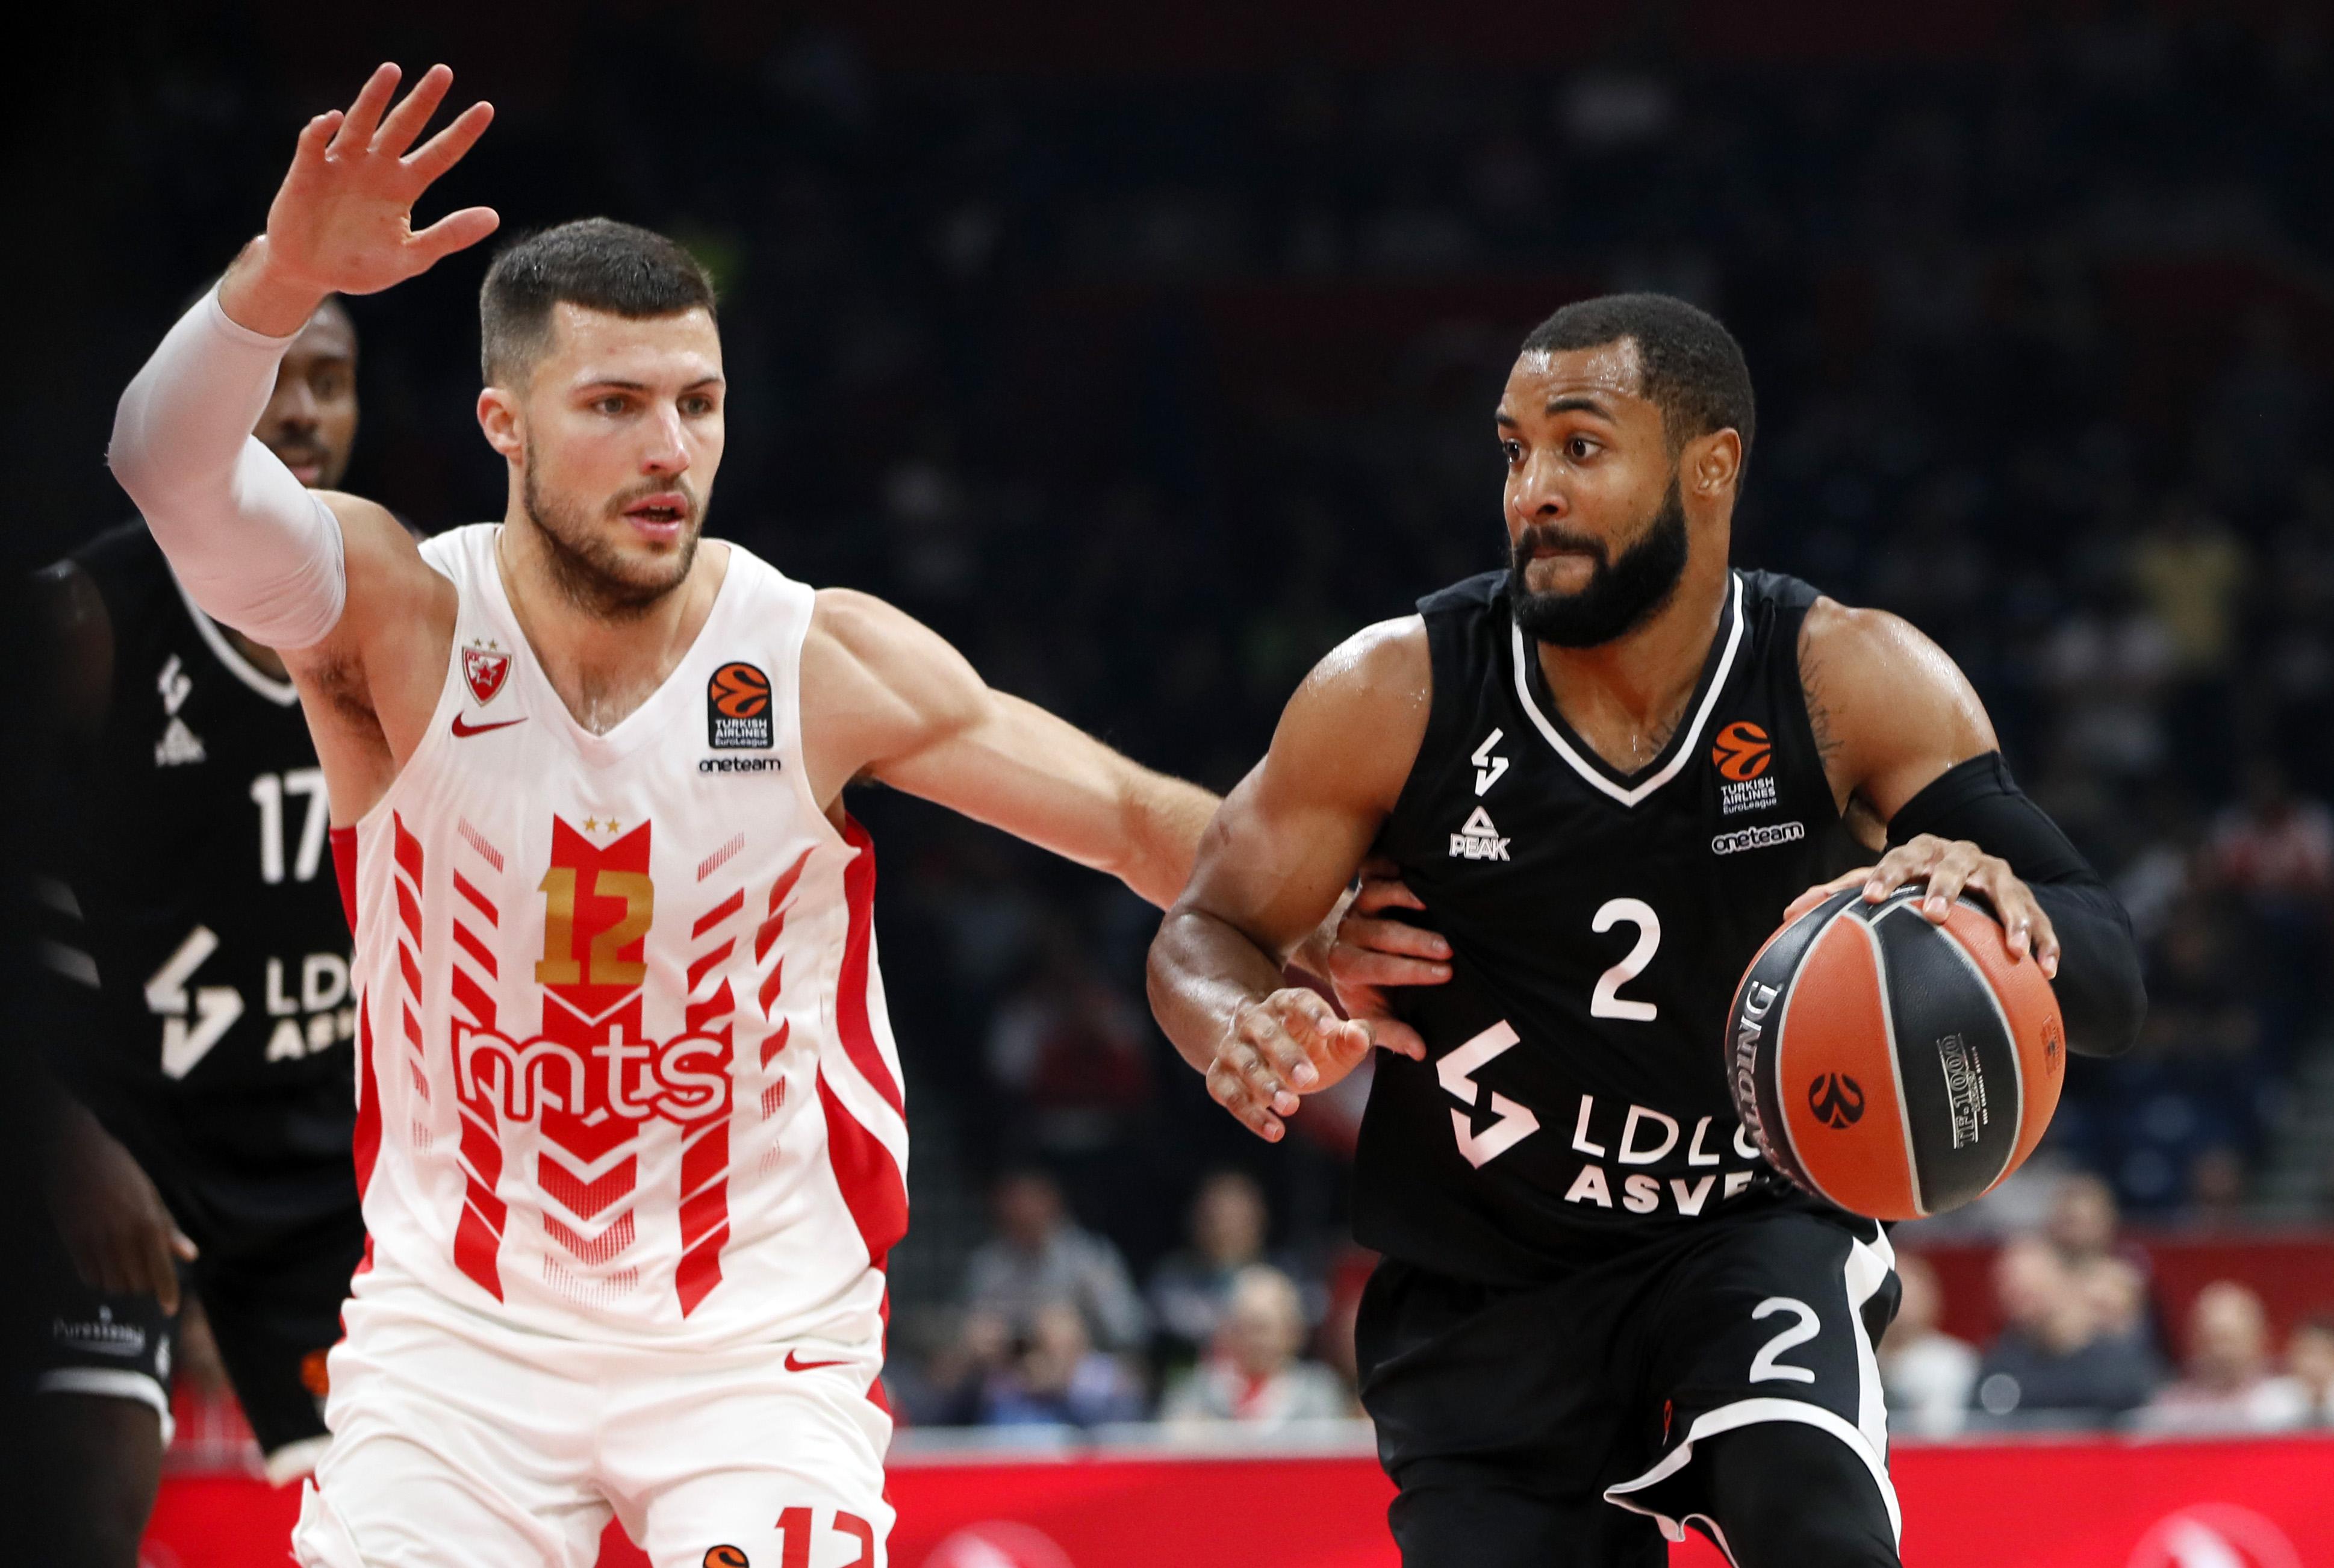 Villeurbanne s'impose à Belgrade - Coupes d'Europe - Basket - Le Figaro